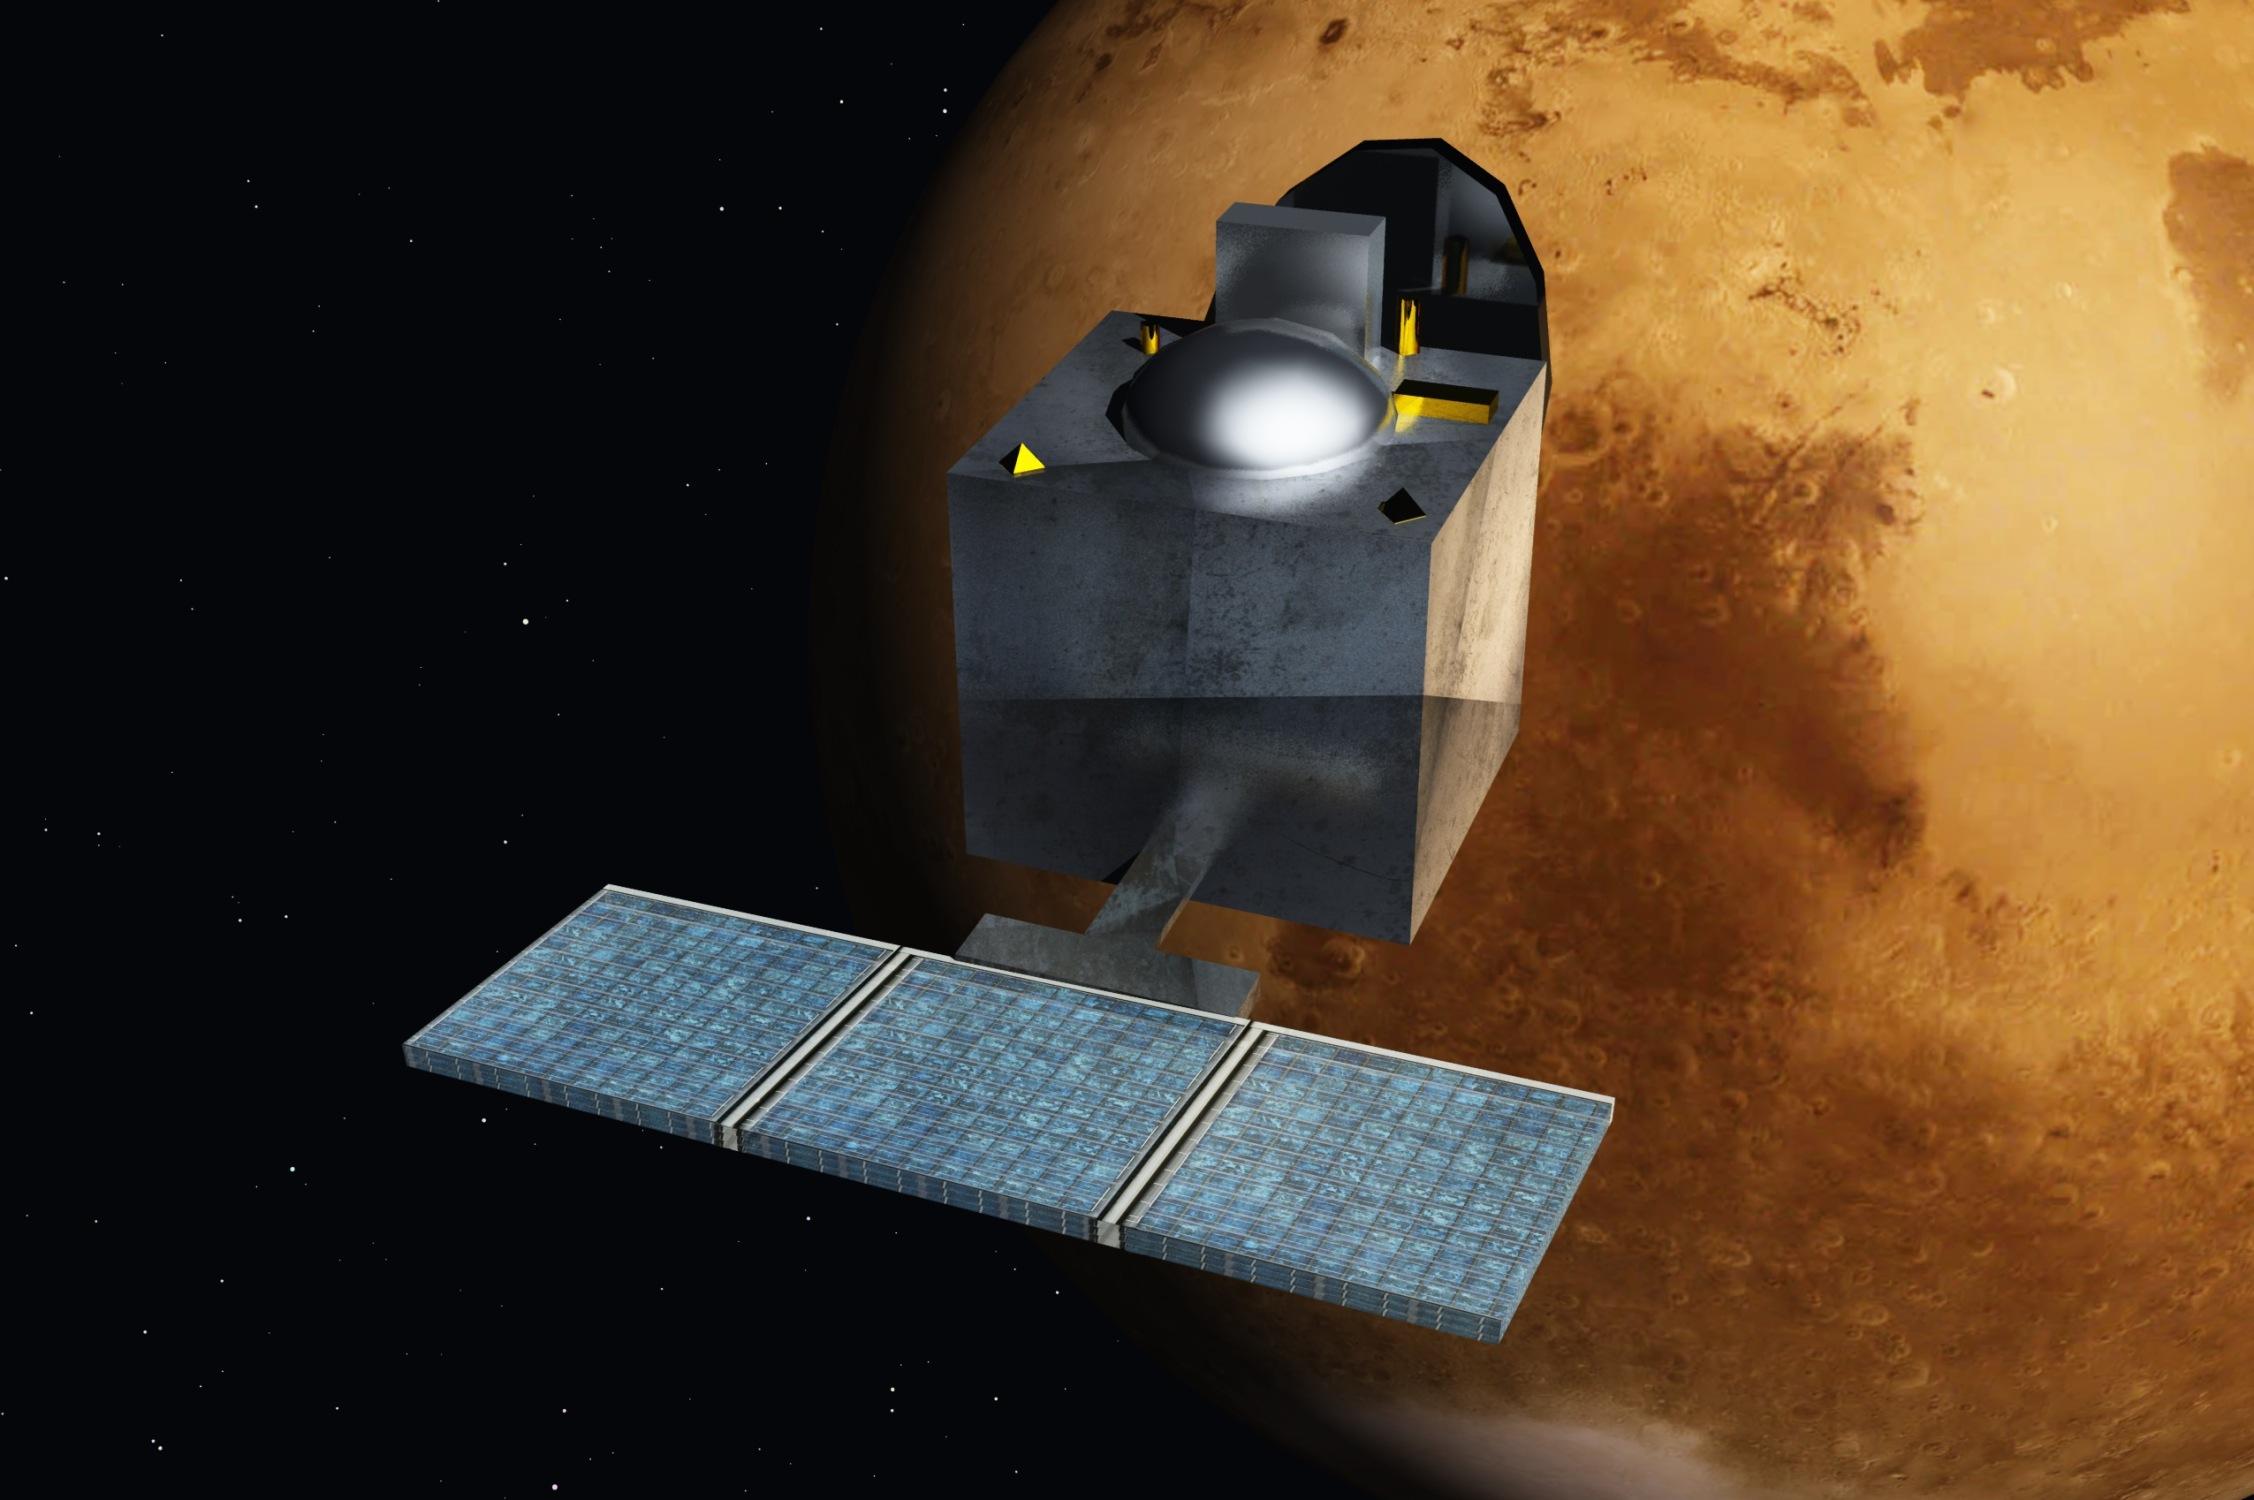 Индийский космический аппарат Mangalyaan успешно прибыл на орбиту Марса